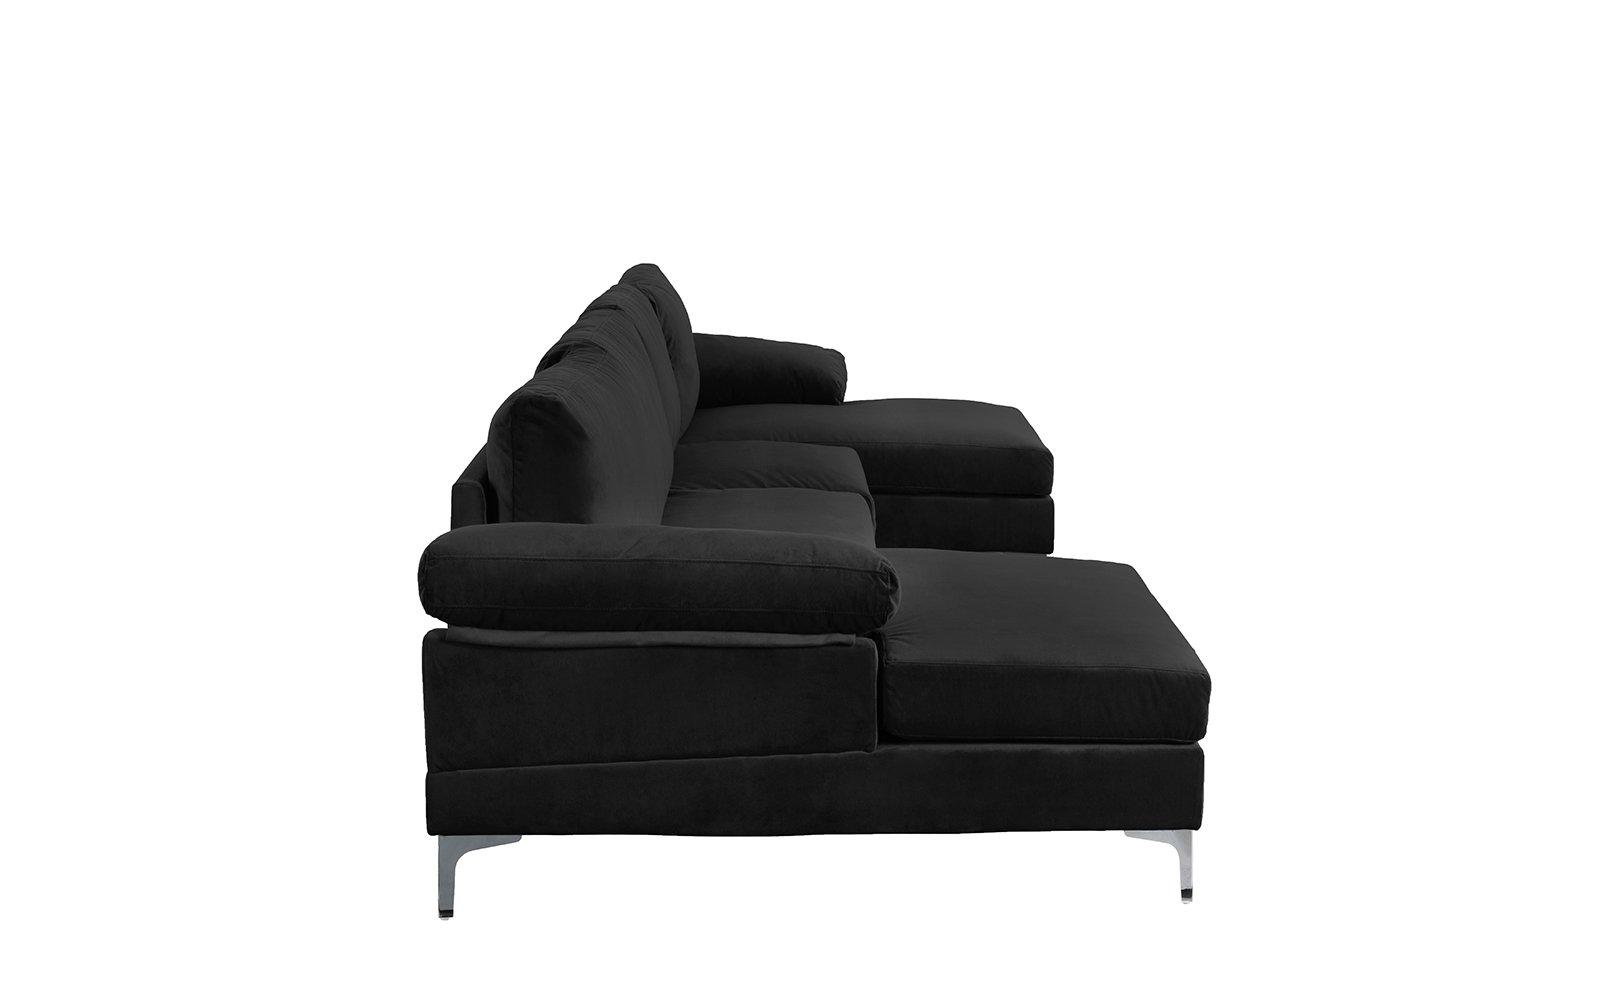 Black Large Velvet Fabric U-Shape Sectional Sofa Double ...